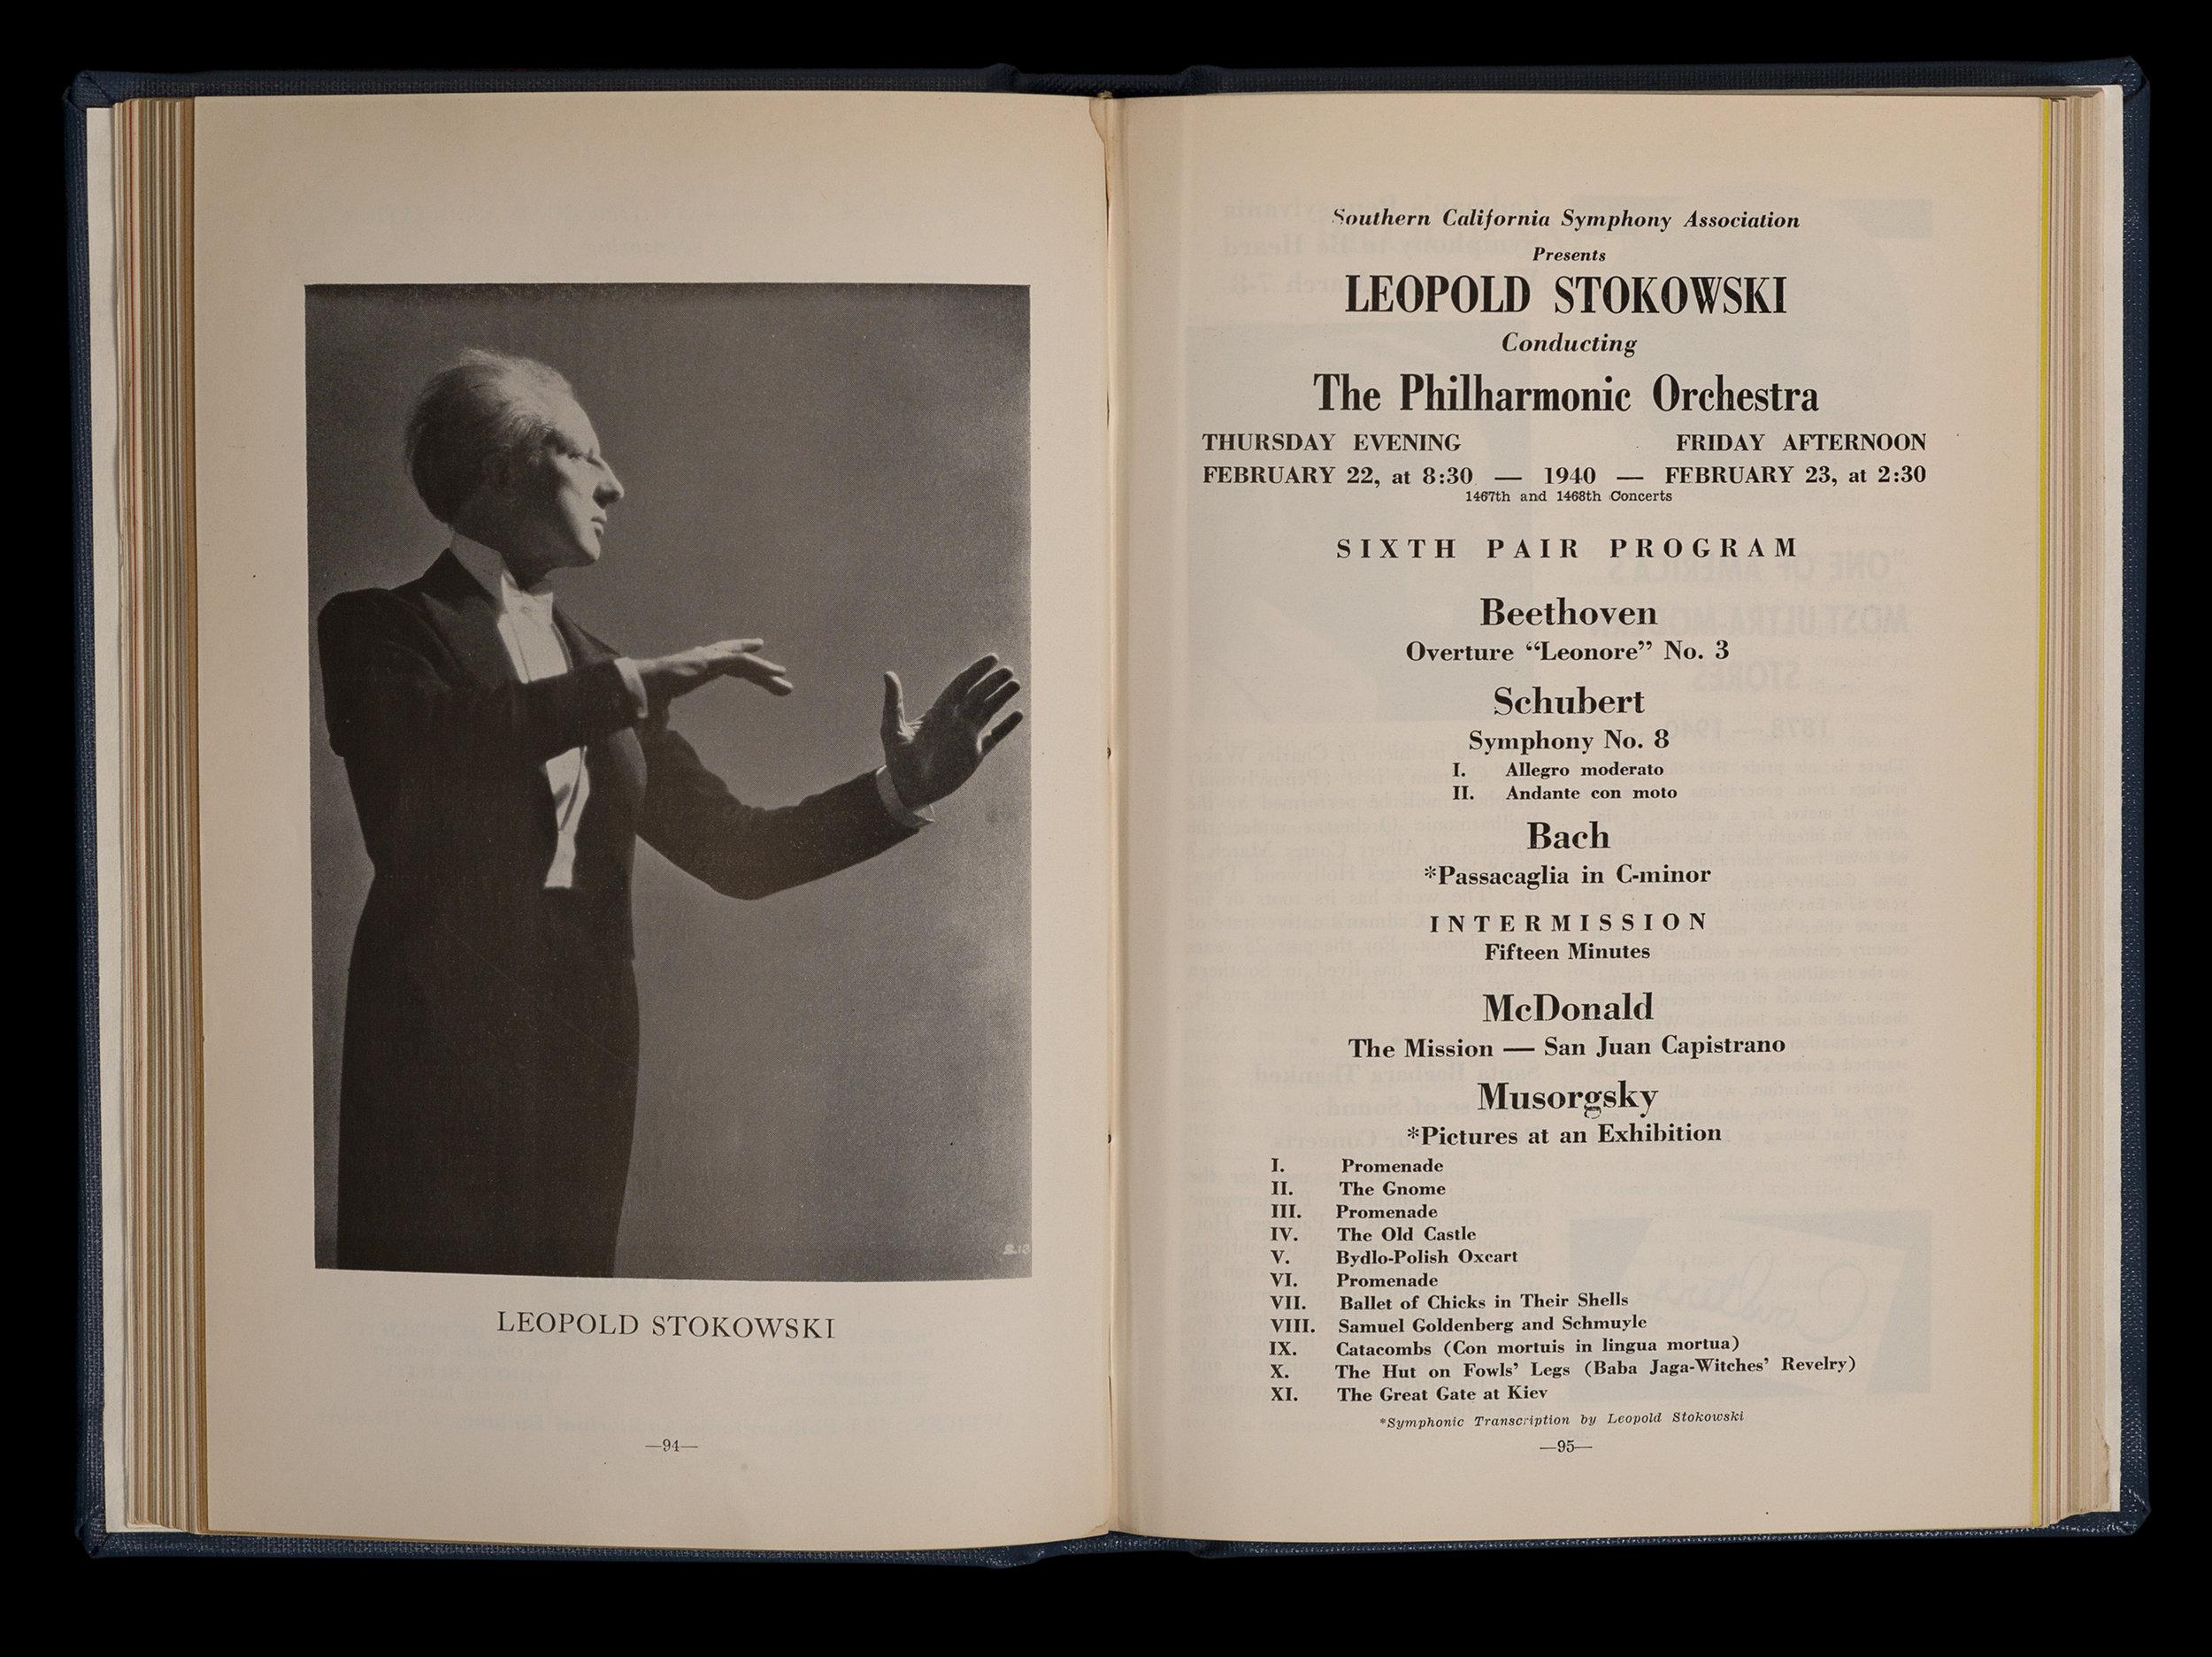 LAPO_ProgramBook_PageA_1939-1940.jpg